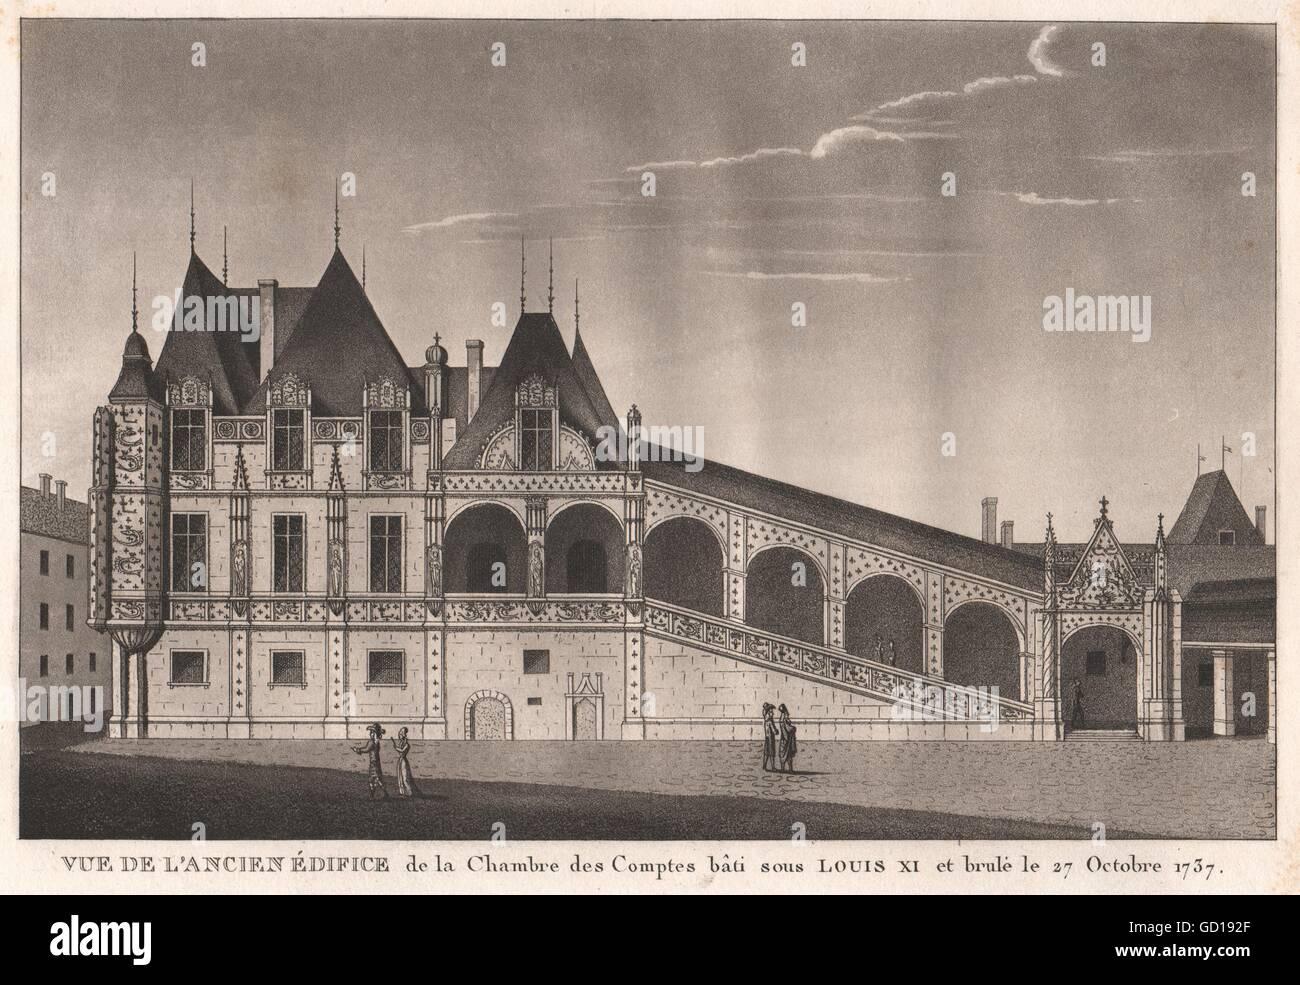 PARIS: Ancien Édifice de la Chambre des Comptes bâti 15C. Brulé 1737, 1808 - Stock Image